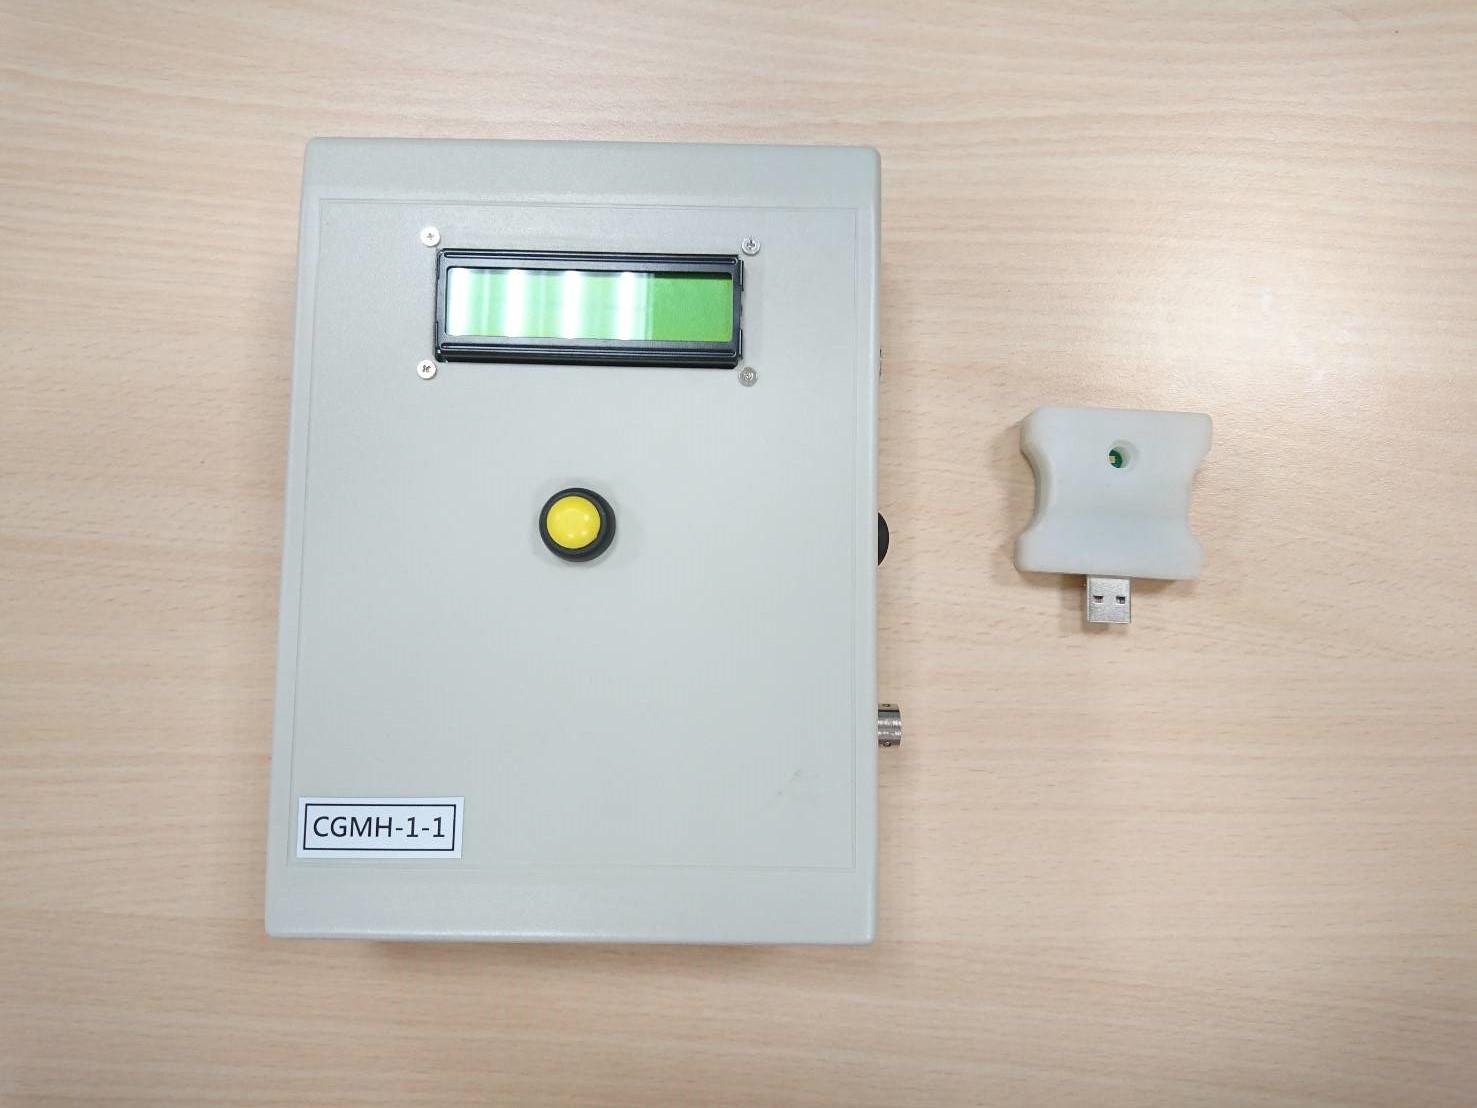 脫水檢測儀原型機